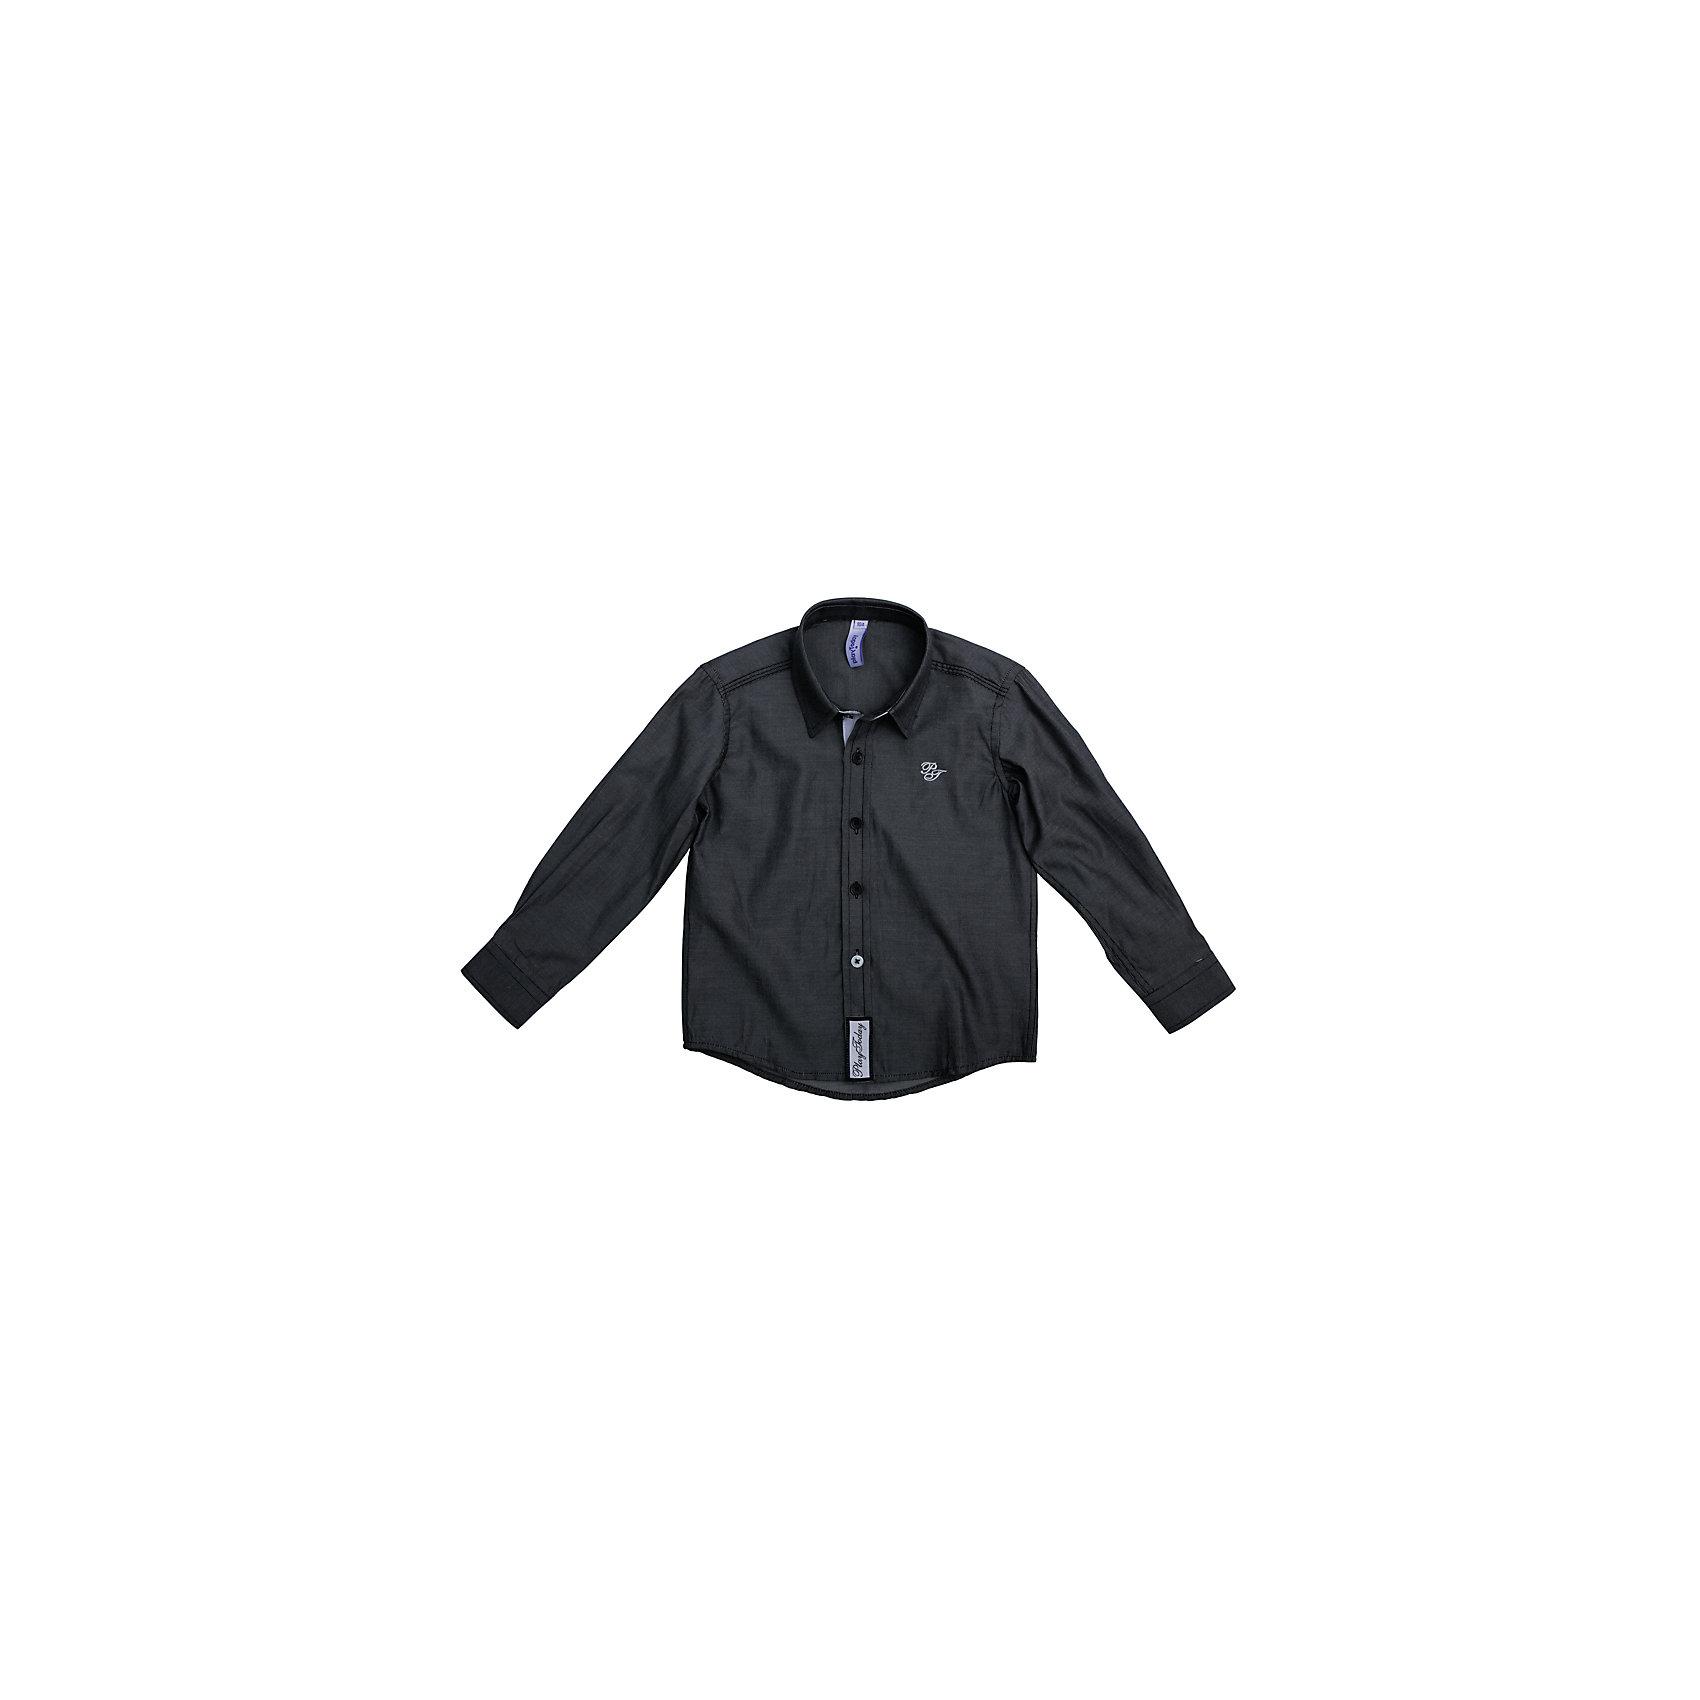 Рубашка для мальчика PlayTodayРубашка для мальчика от известного бренда PlayToday.<br>Сорочка с длинными рукавами.<br><br>Классическая и модель: отложной воротник, лаконичные рукава с усеченными углами, полупрозрачные пуговицы. Украшена маленькой вышивкой.<br>Состав:<br>60% хлопок, 40% полиэстер<br><br>Ширина мм: 174<br>Глубина мм: 10<br>Высота мм: 169<br>Вес г: 157<br>Цвет: серый<br>Возраст от месяцев: 108<br>Возраст до месяцев: 120<br>Пол: Мужской<br>Возраст: Детский<br>Размер: 140,98,122,116,110,134,128,104<br>SKU: 5113795